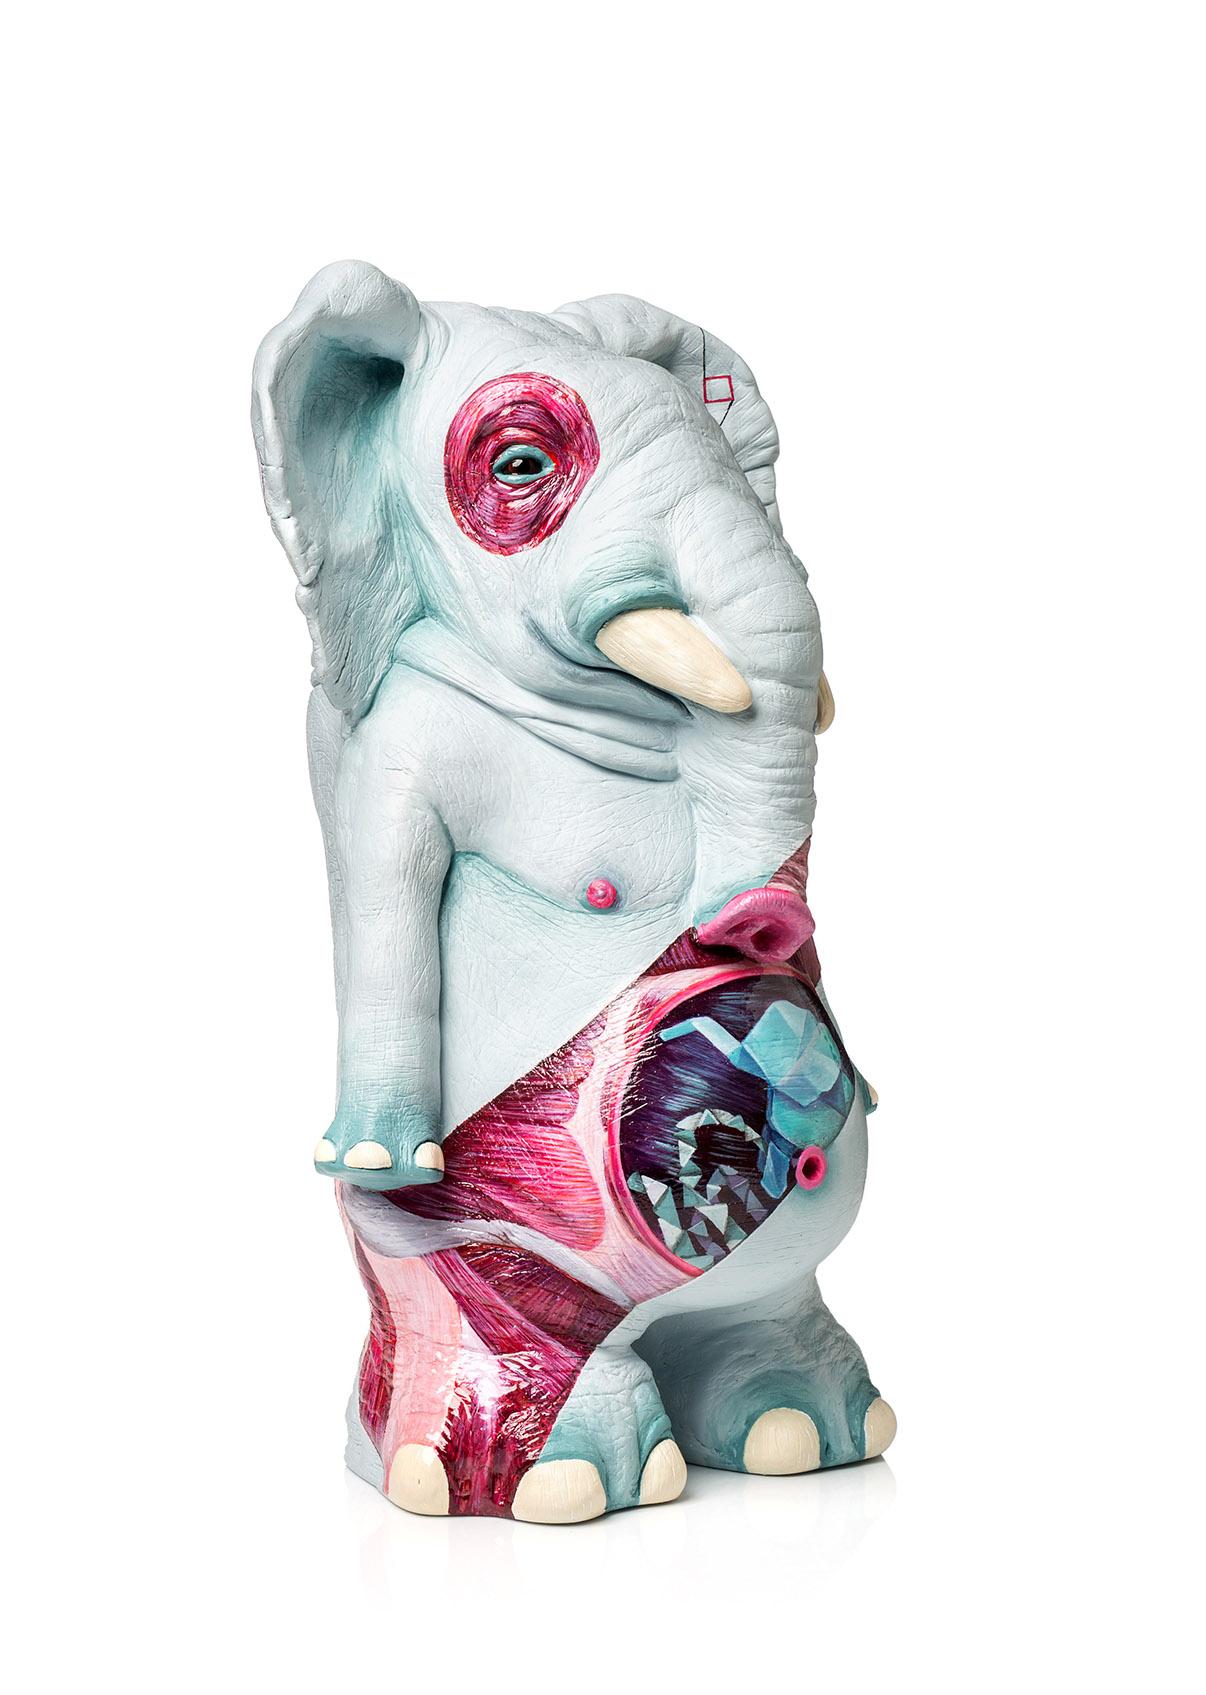 pieza de ceramica para coleccionistas obra de arte ornamante hecha por giselle vitali para la edicion de los ilustrados de ornamante 2017